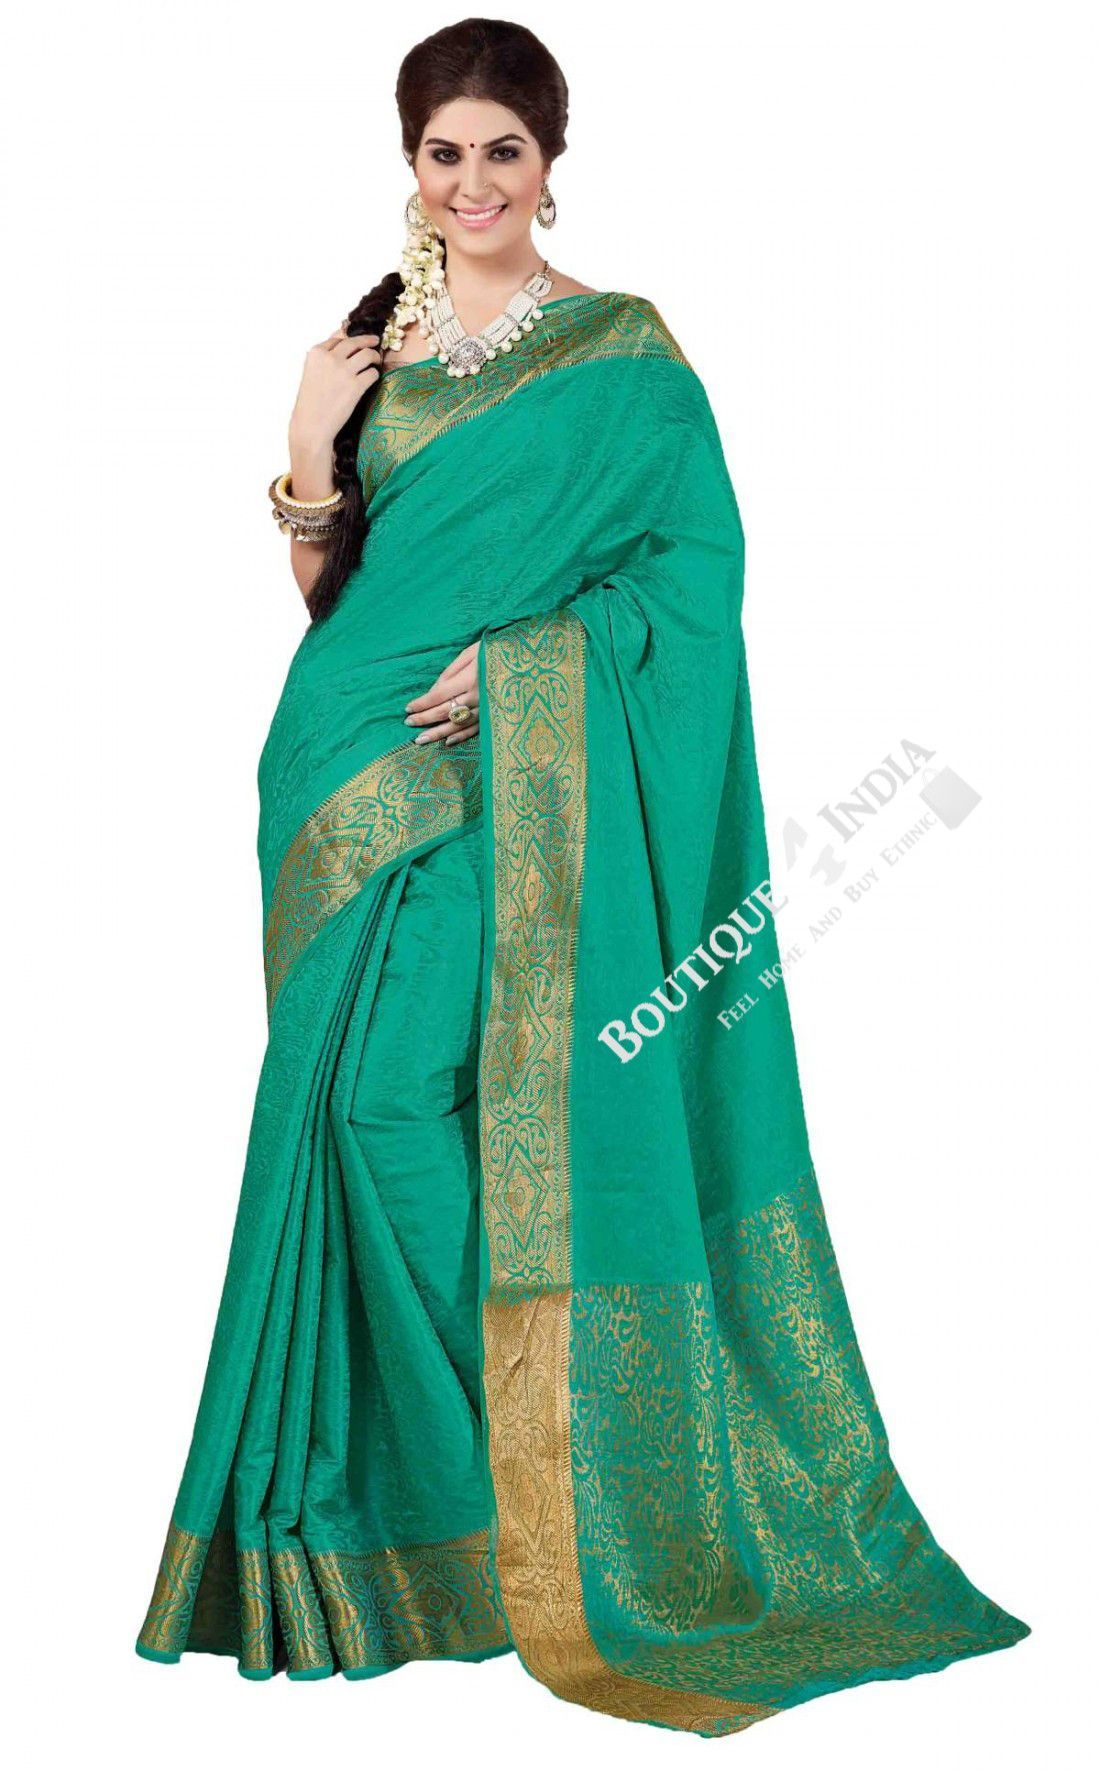 Sari wedding dress  Sarees  Turquoise With Golden Jarri Silk Saree Collections